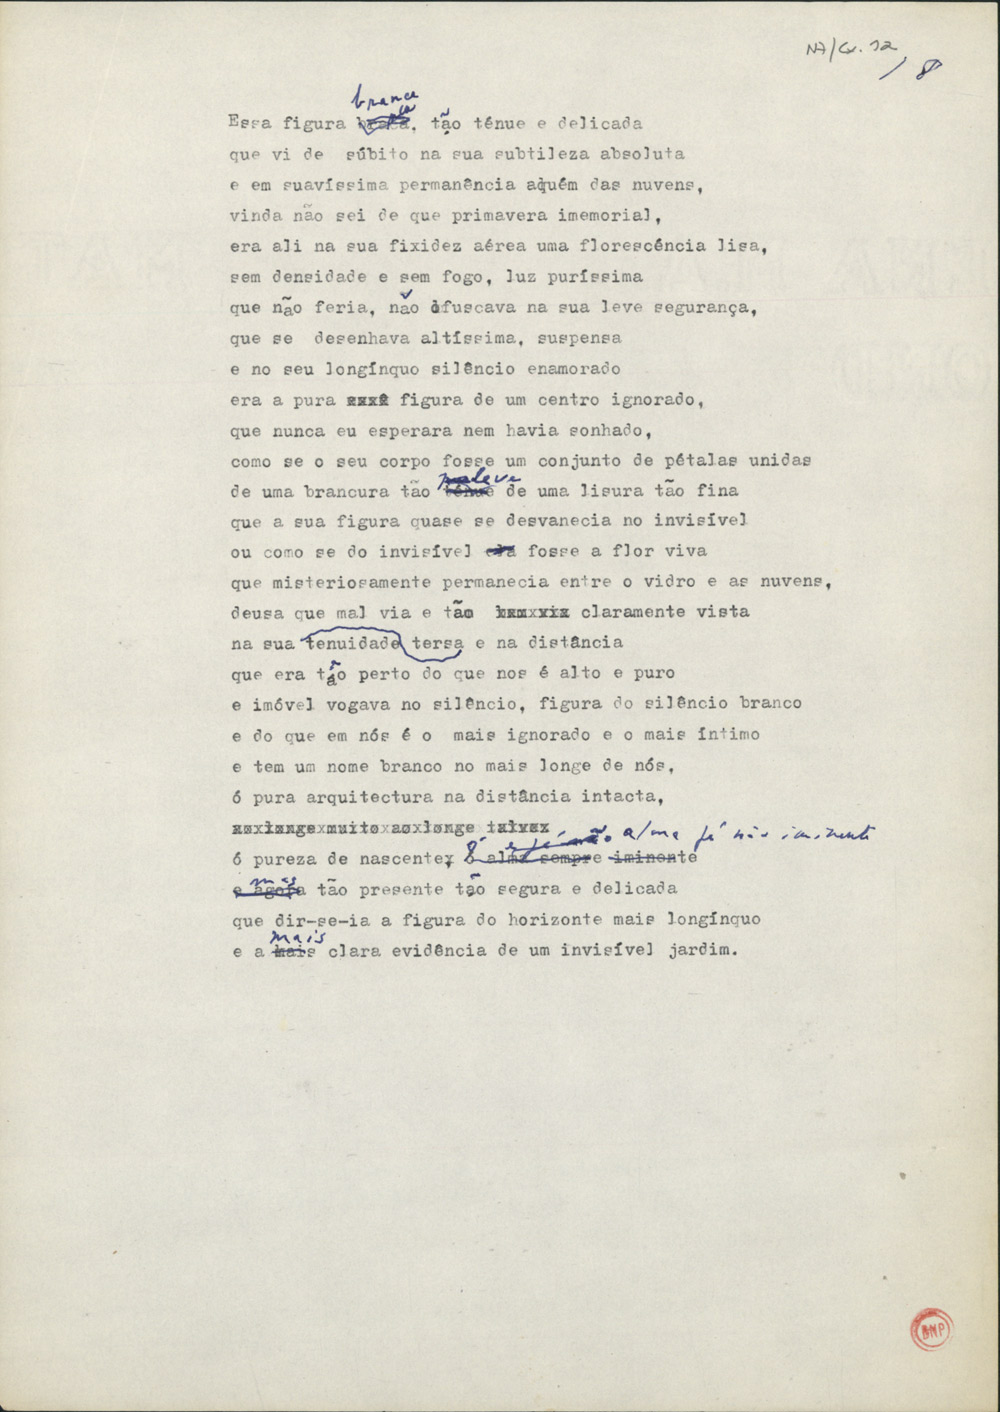 """Penúltimo poema do ciclo Não Sei de Onde Vem o Vento, do livro Três (1995). As várias correcções manuscritas que se vêem na imagem foram adoptadas na versão impressa. Mas o poema abre, neste dactiloscrito, com o pronome """"Essa"""", ao passo que no livro se lê, talvez por gralha, """"E era""""."""